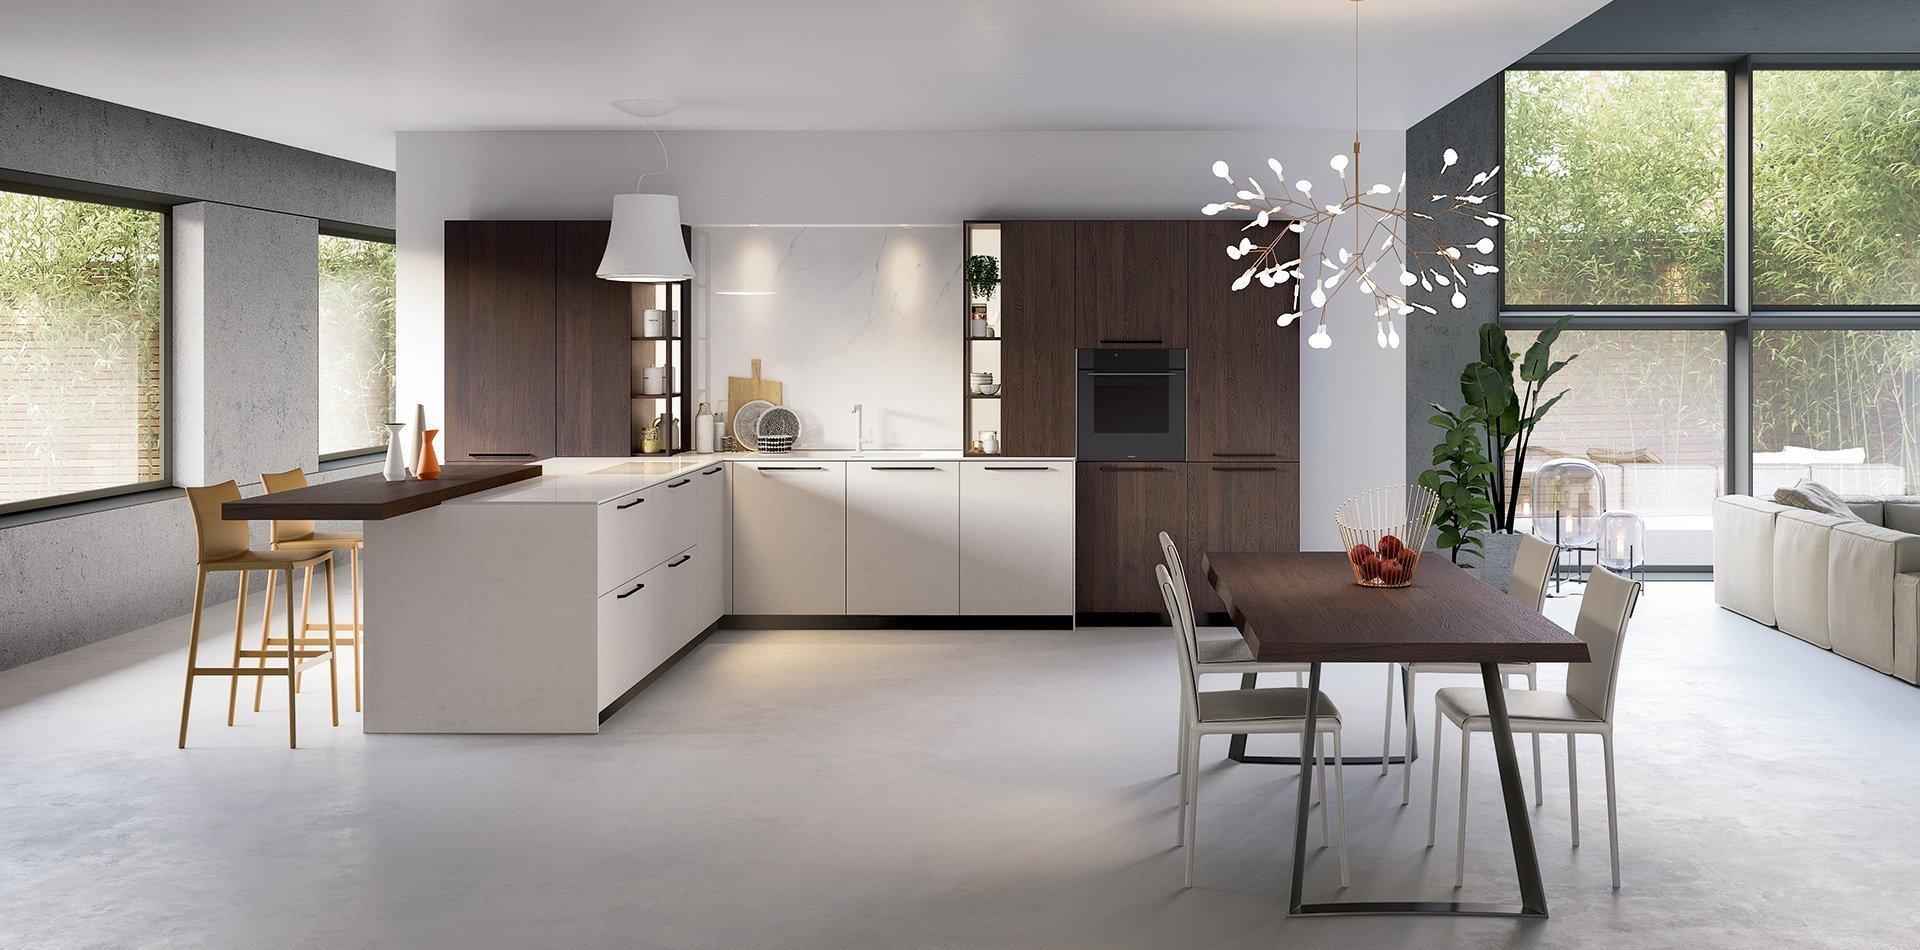 Cucina in legno moderna Bior Cucine